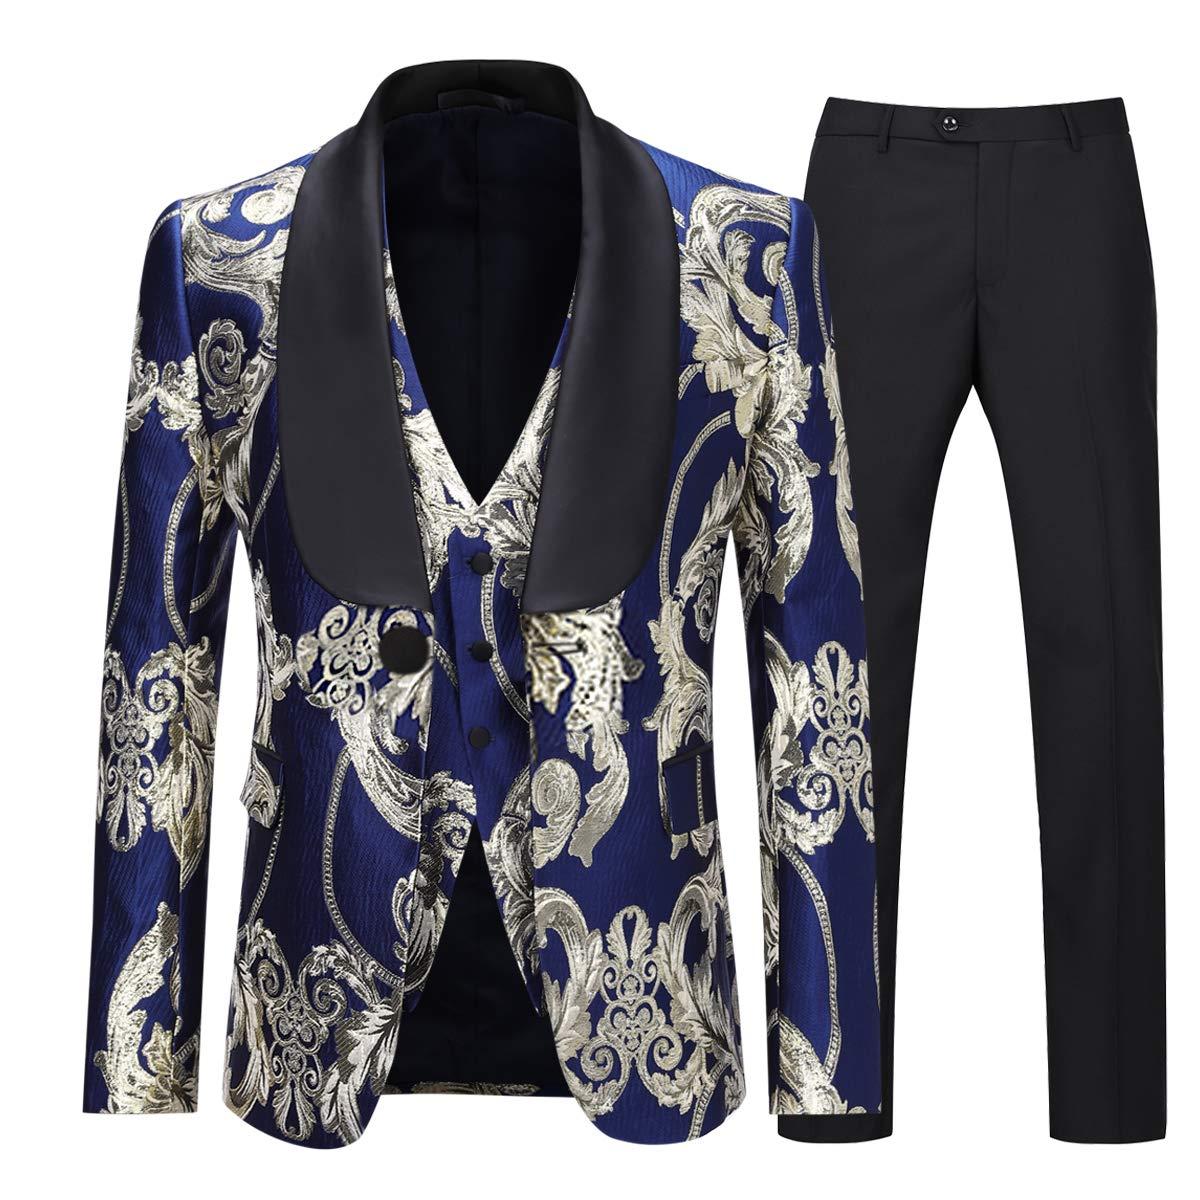 Boyland Men's Luxury Tuxedo Suit Slim Fit 3 Pieces Shawl Lapel Golden Floral Prom Dinner Tux Suit Jacket Vest Pants by Boyland